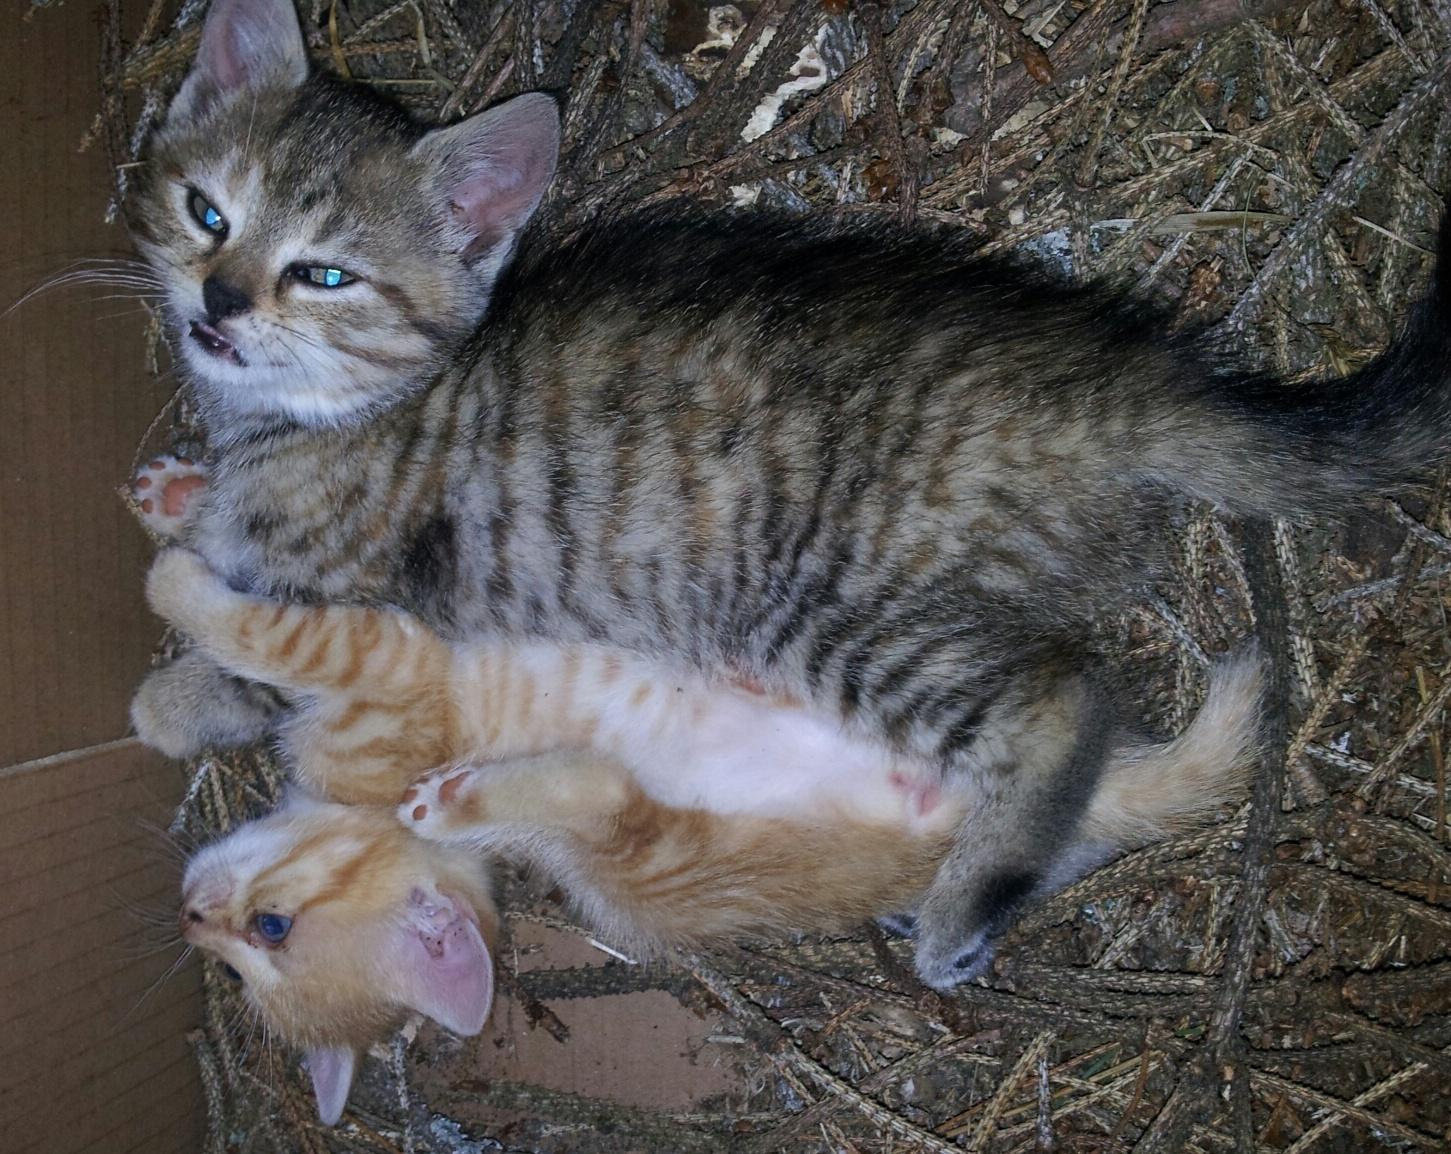 Katzenbabies Suchen Ein Neues Zuhause Aidsberatungsstelle Oberpfalz